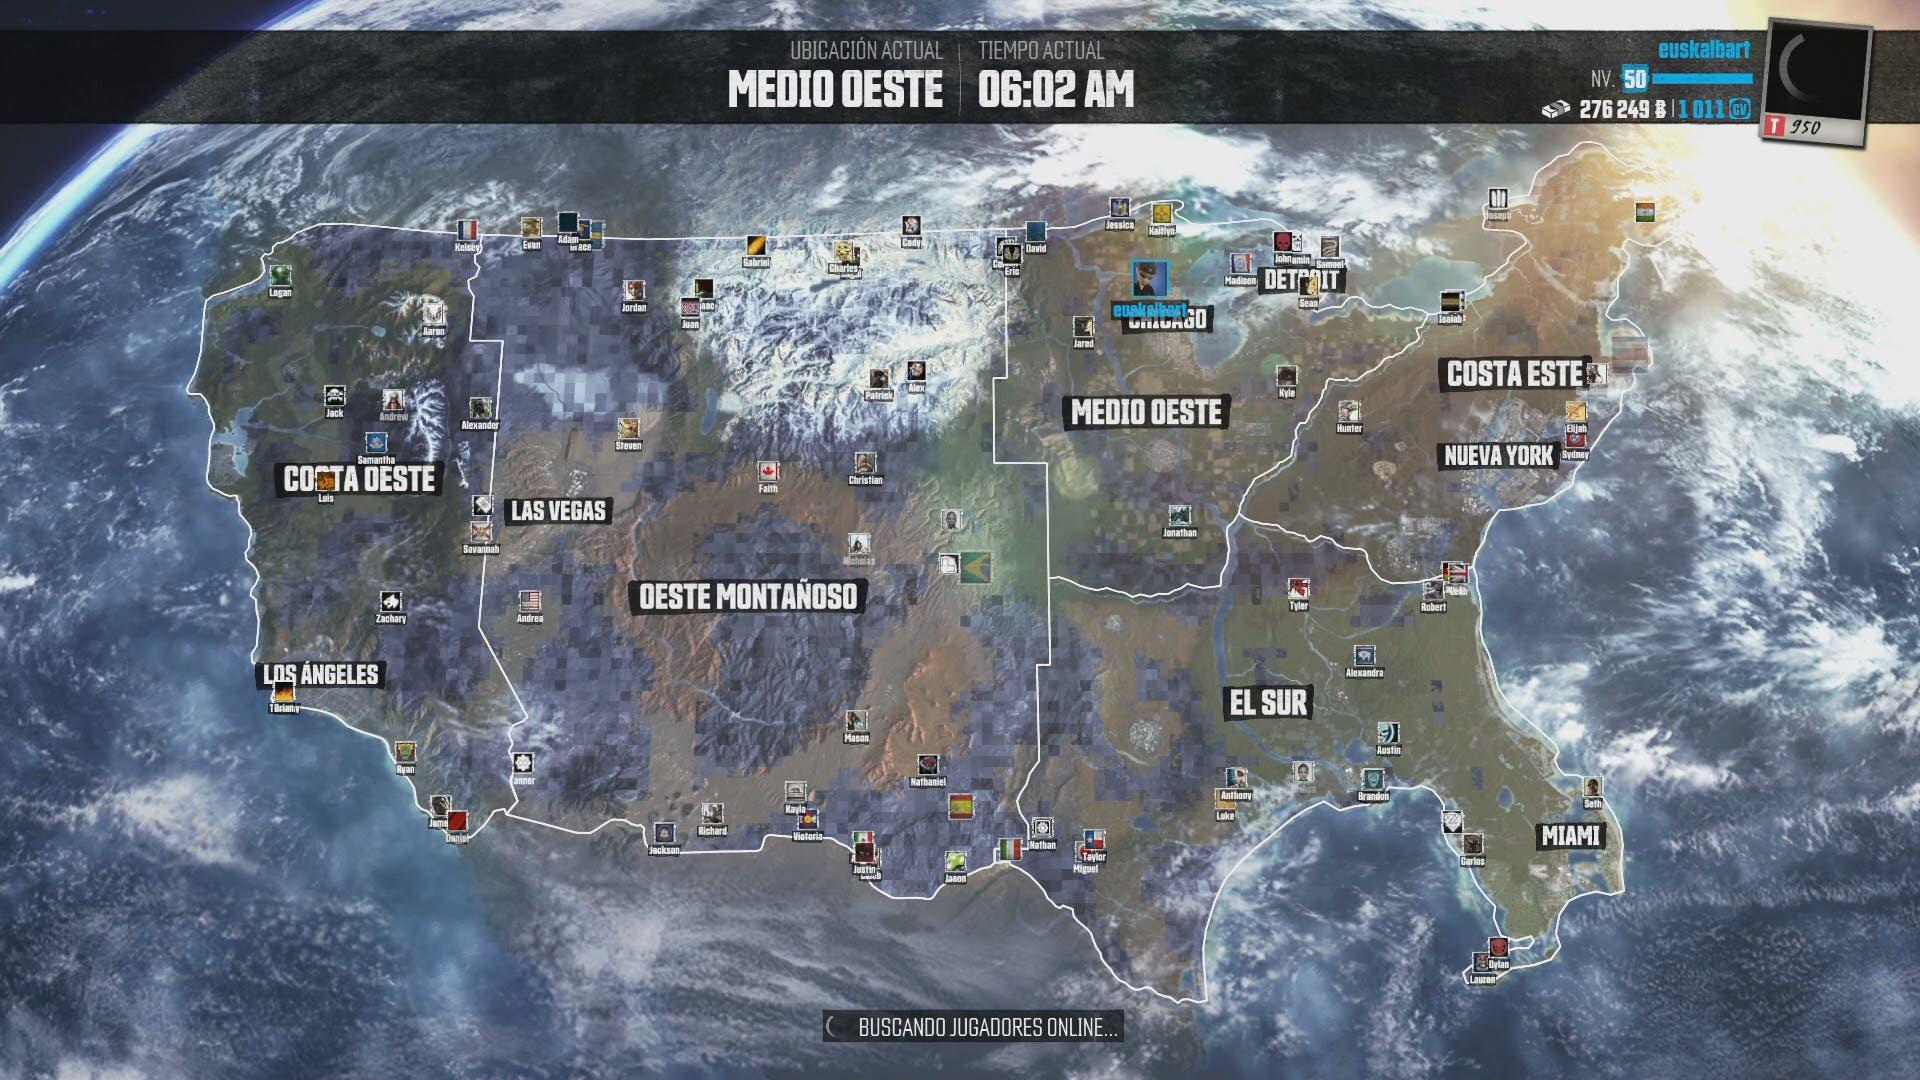 Mapa The Crew 2.Analisis De The Crew Somosxbox